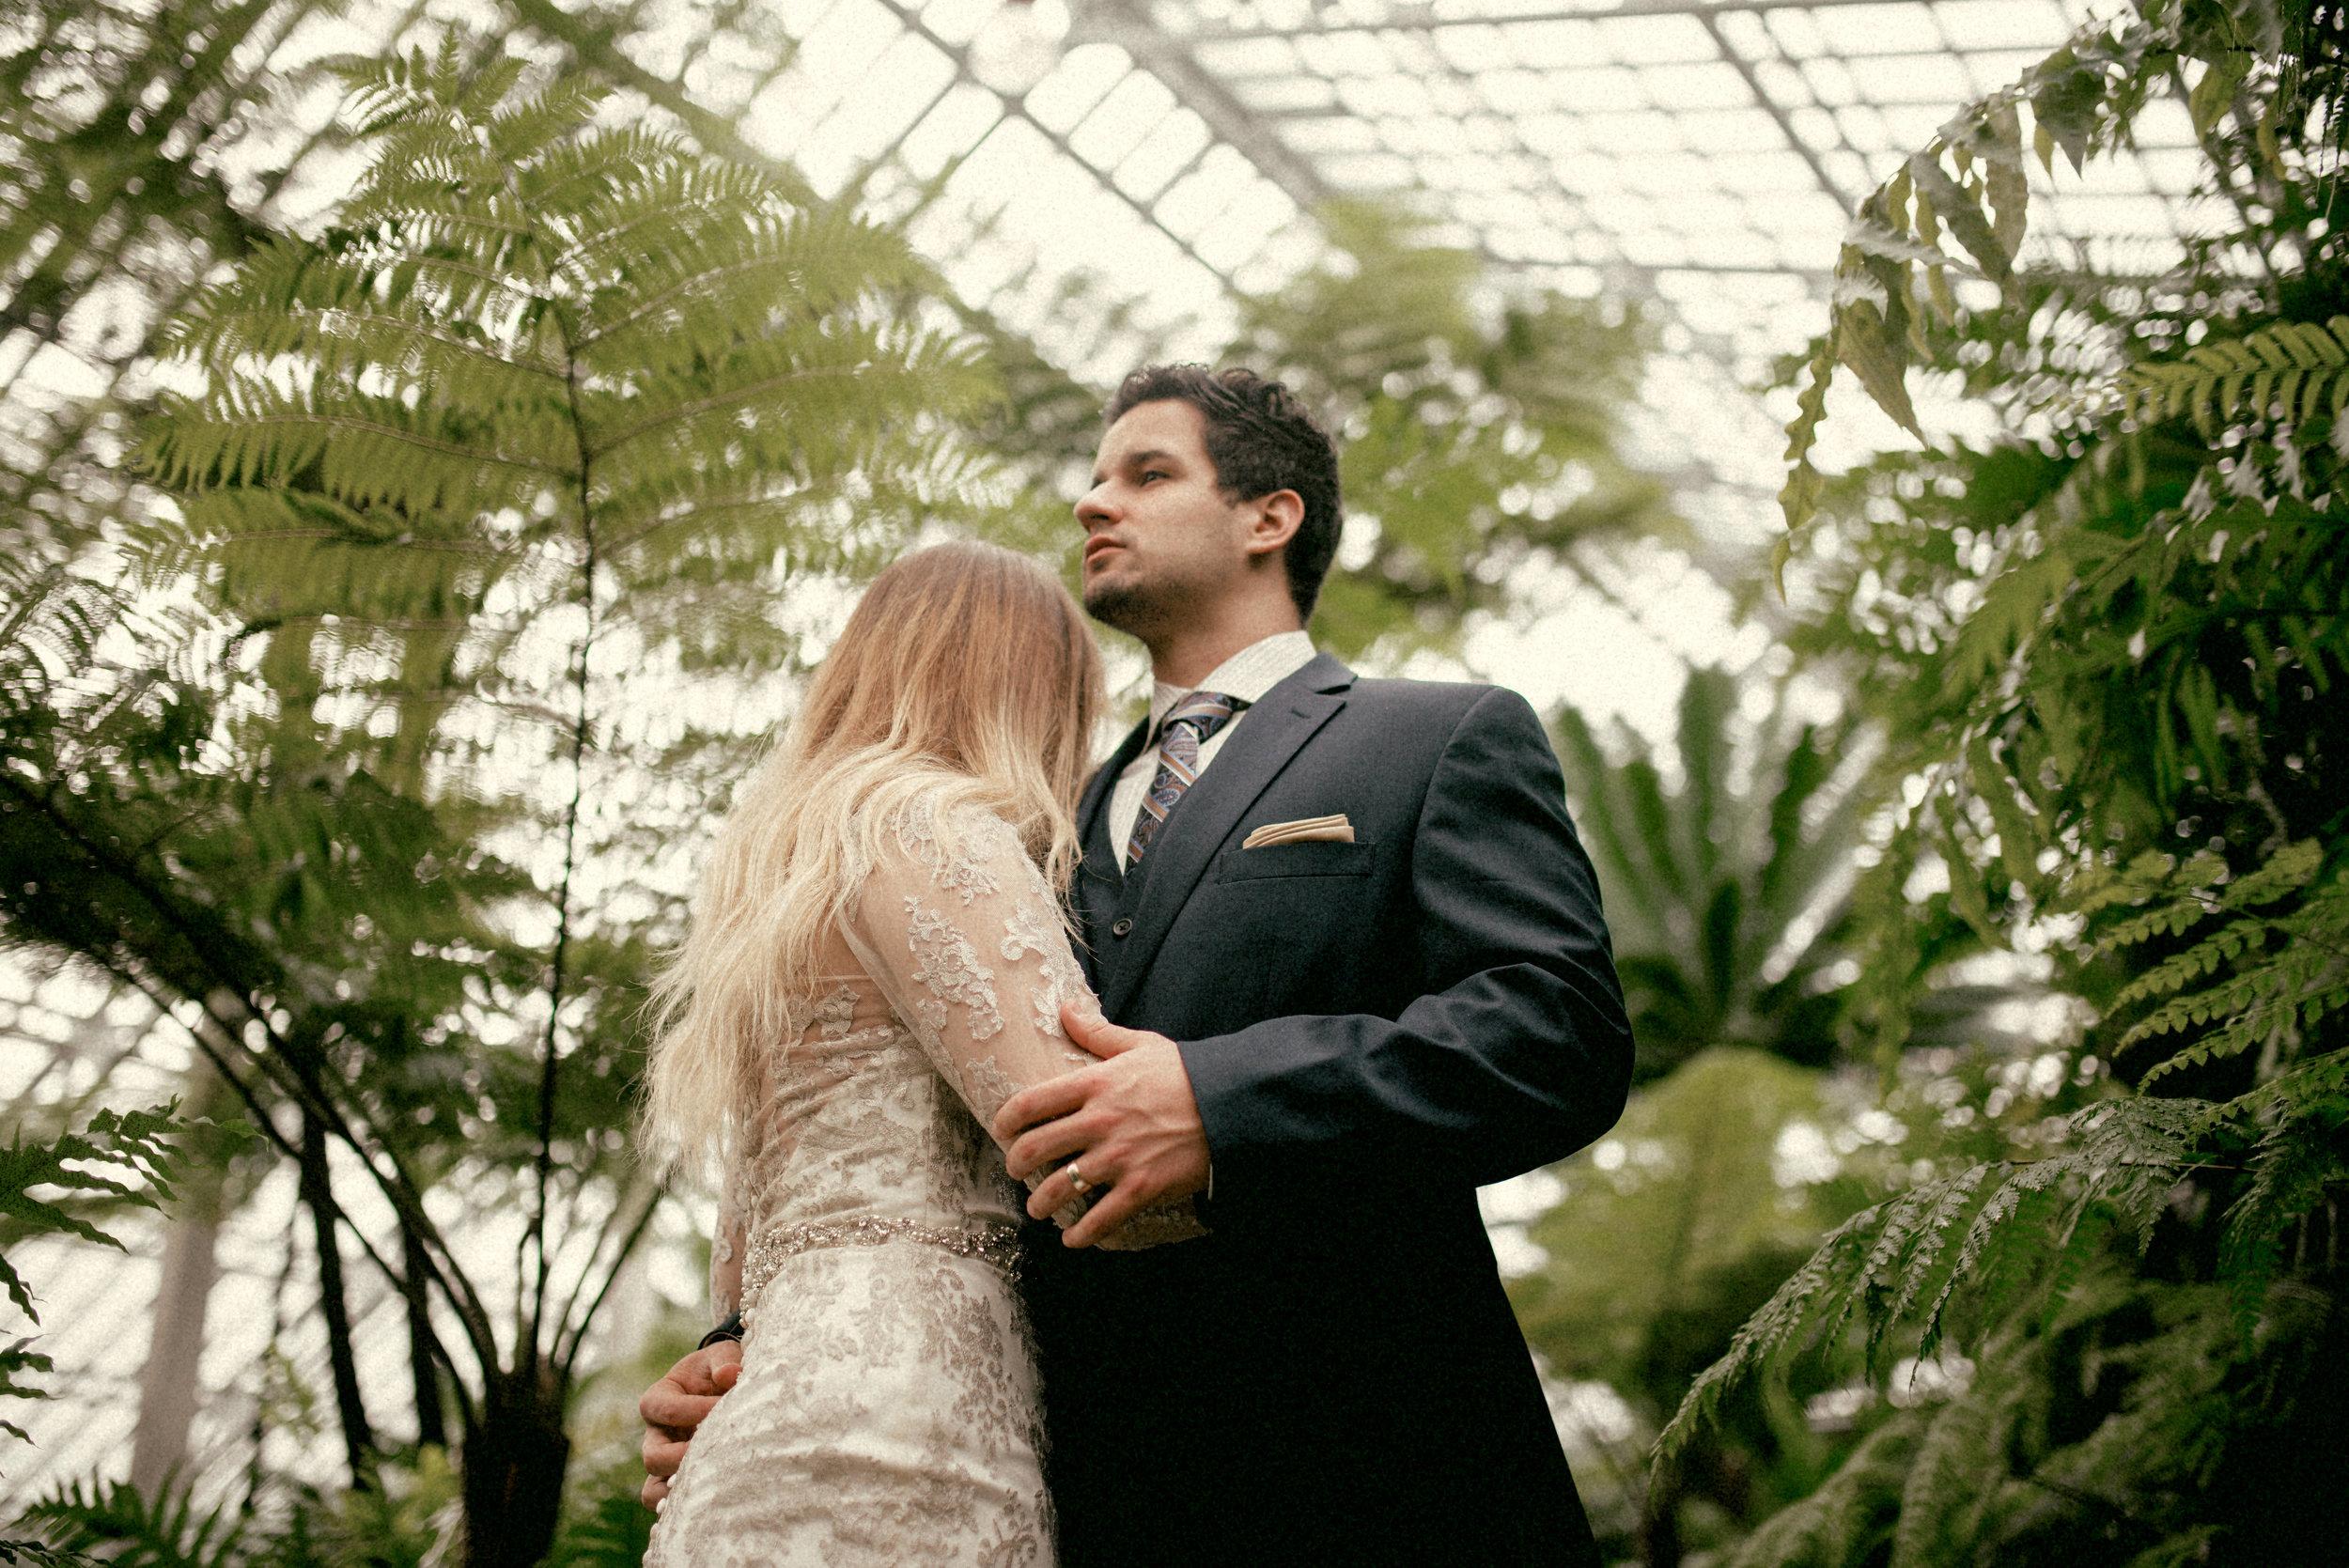 garfield park conservatory chicago wedding 21